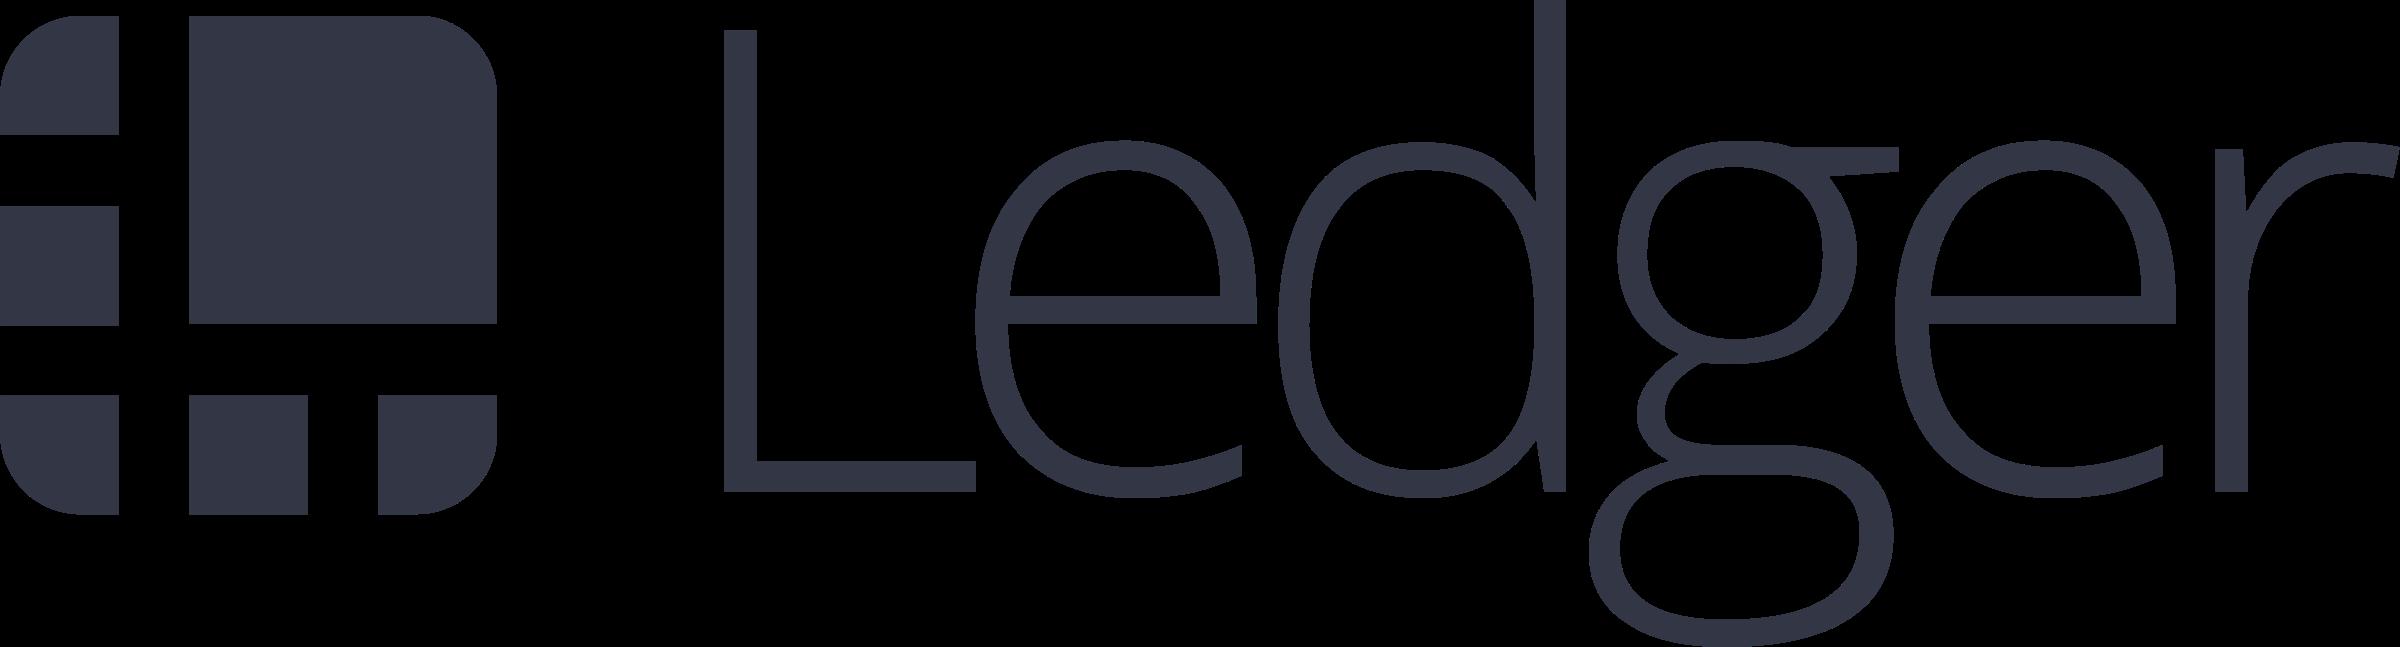 Ledger Nano X logo